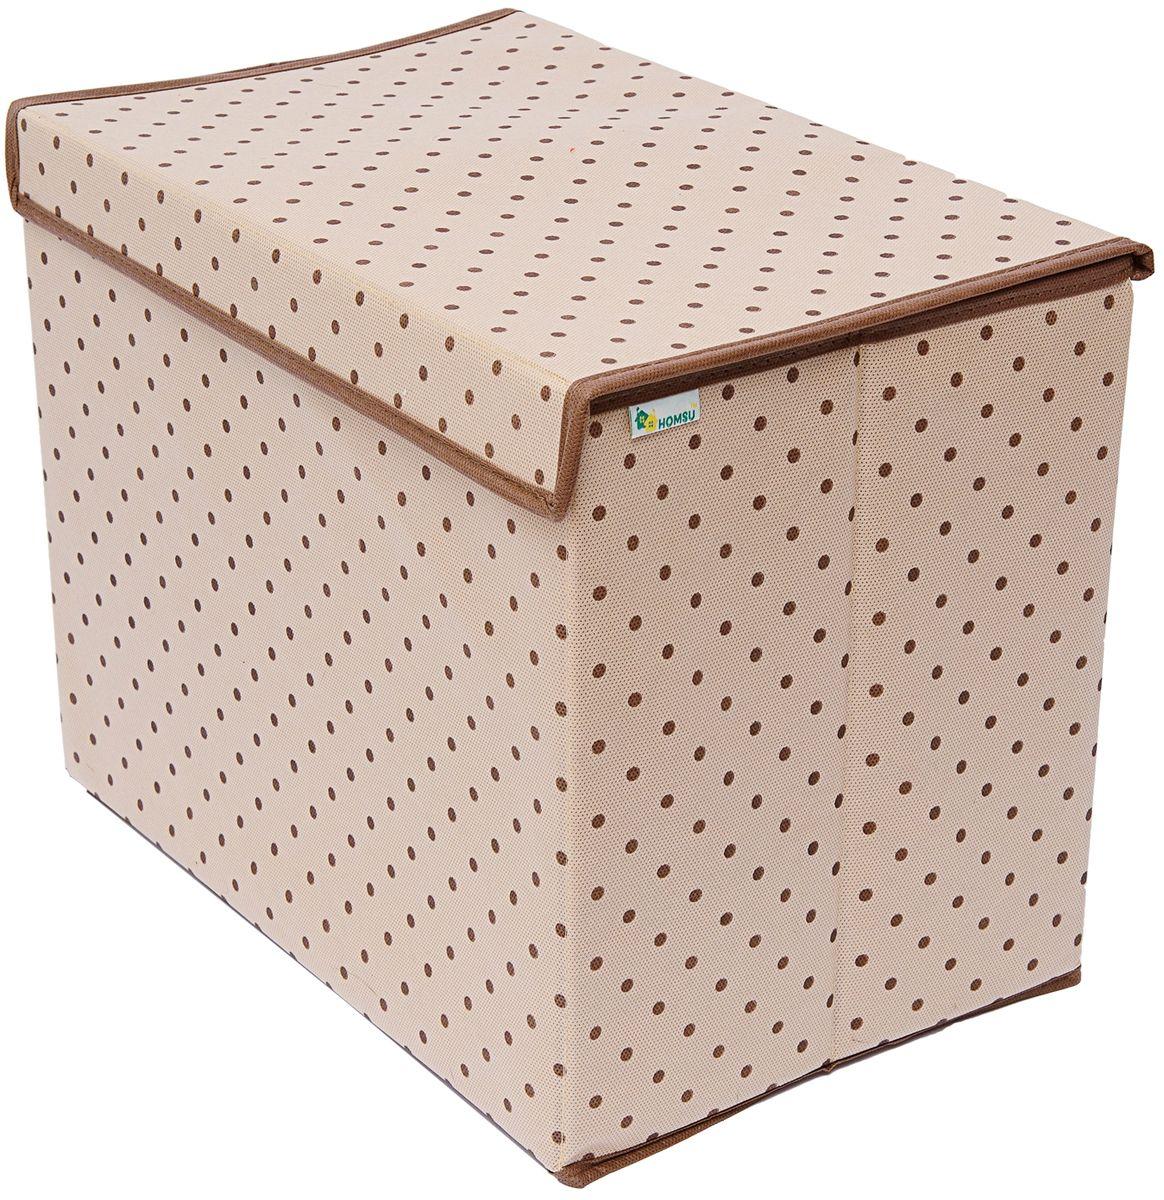 Коробка для хранения вещей Homsu, 38 x 25 x 30 смUP210DFУниверсальная коробка для хранения вещей с крышкой. Идеально подходит для хранения одежды, полотенец и других домашних принадлежностей. Выполнена в классическом дизайне, благодаря чему гармонично впишется в любой интерьер.